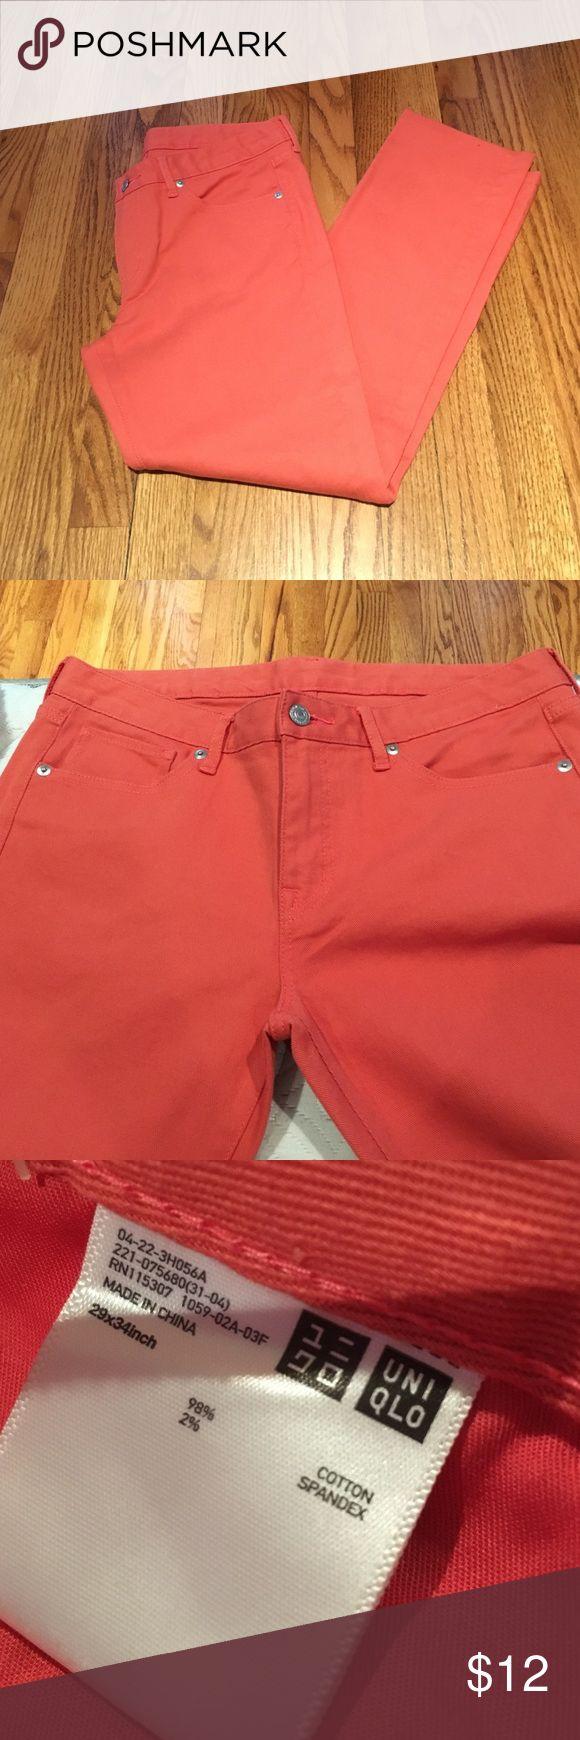 Uniqlo jeans Uniqlo women's jeans. NWOT. 29x34. Orange. Uniqlo Jeans